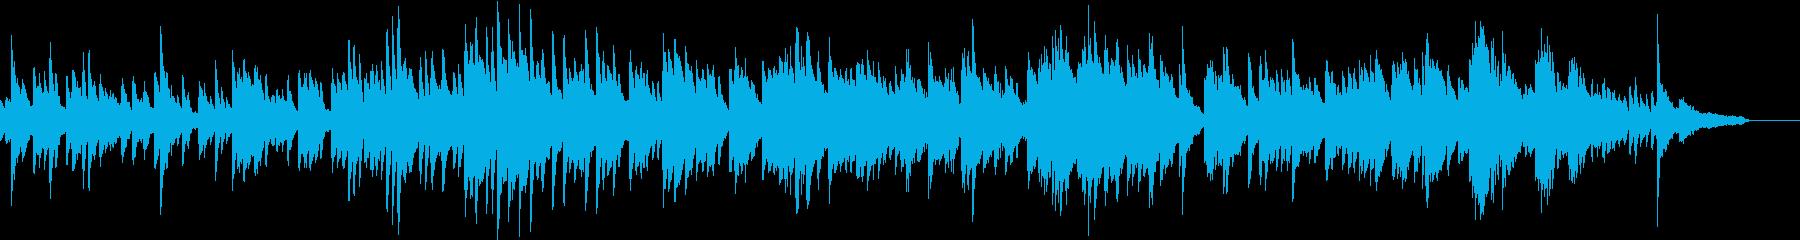 せせらぎをイメージした優しいピアノの再生済みの波形